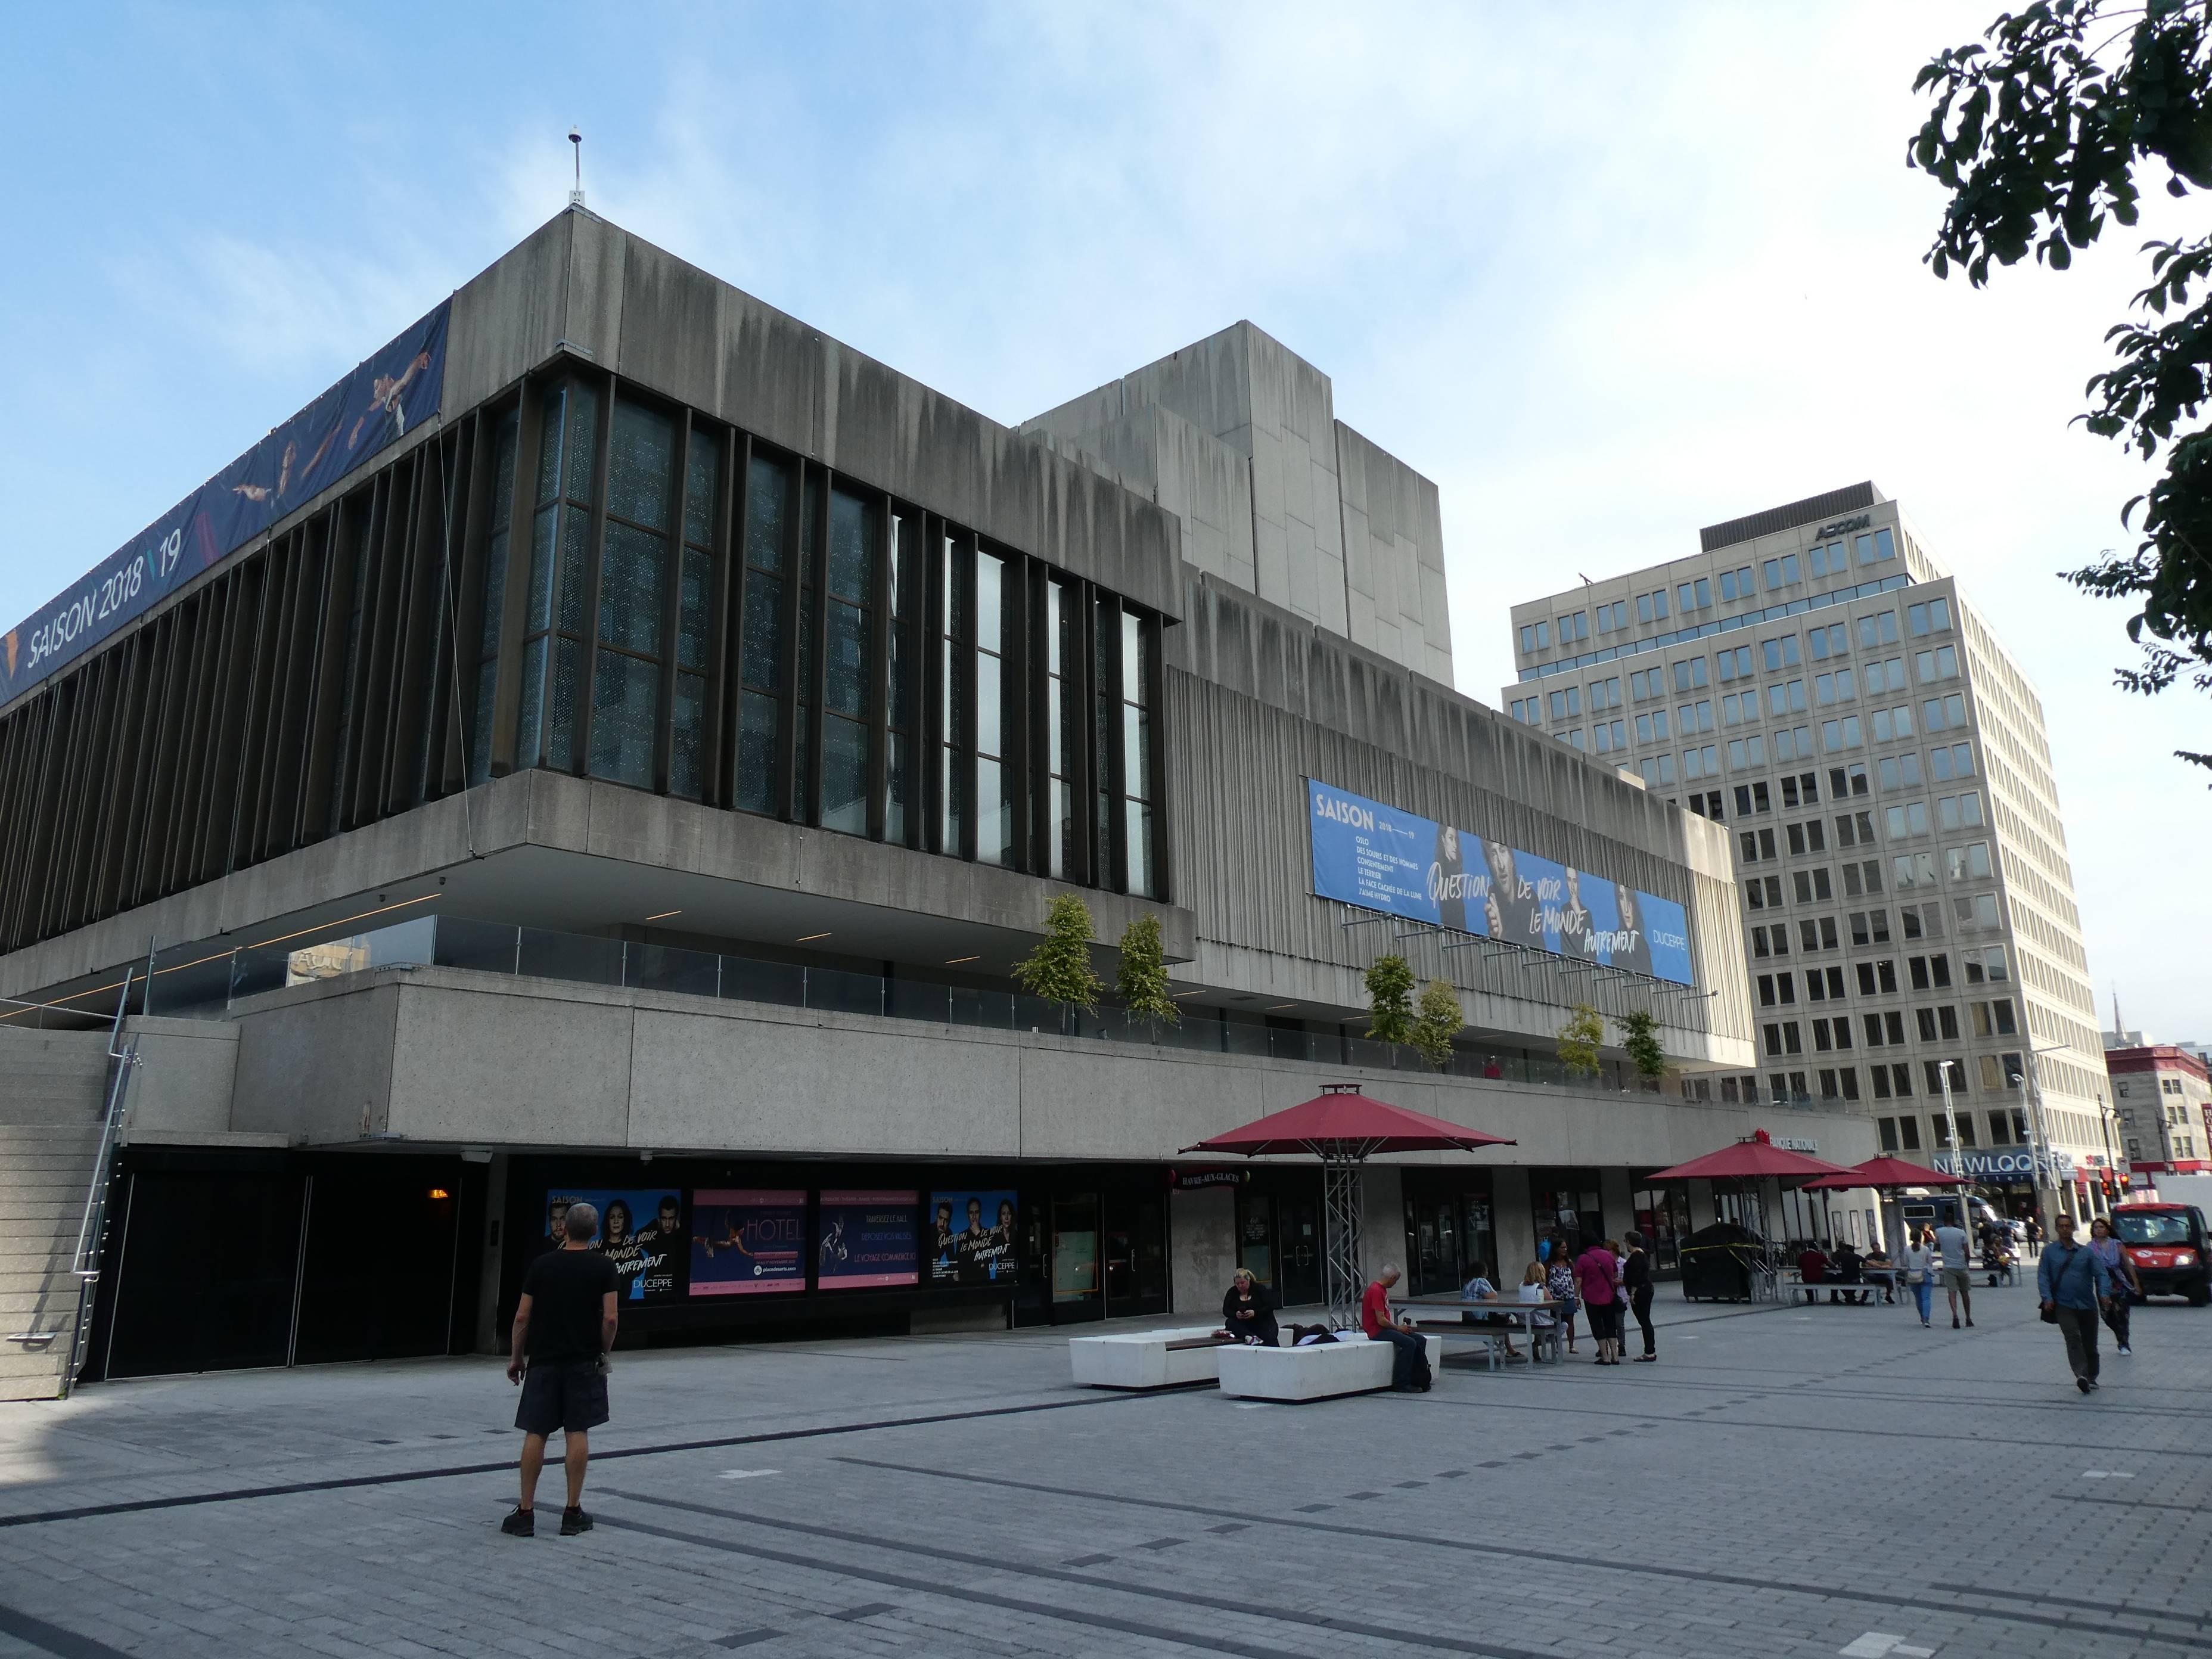 Photo 2: Montréal, une grande ville mais si attachante...